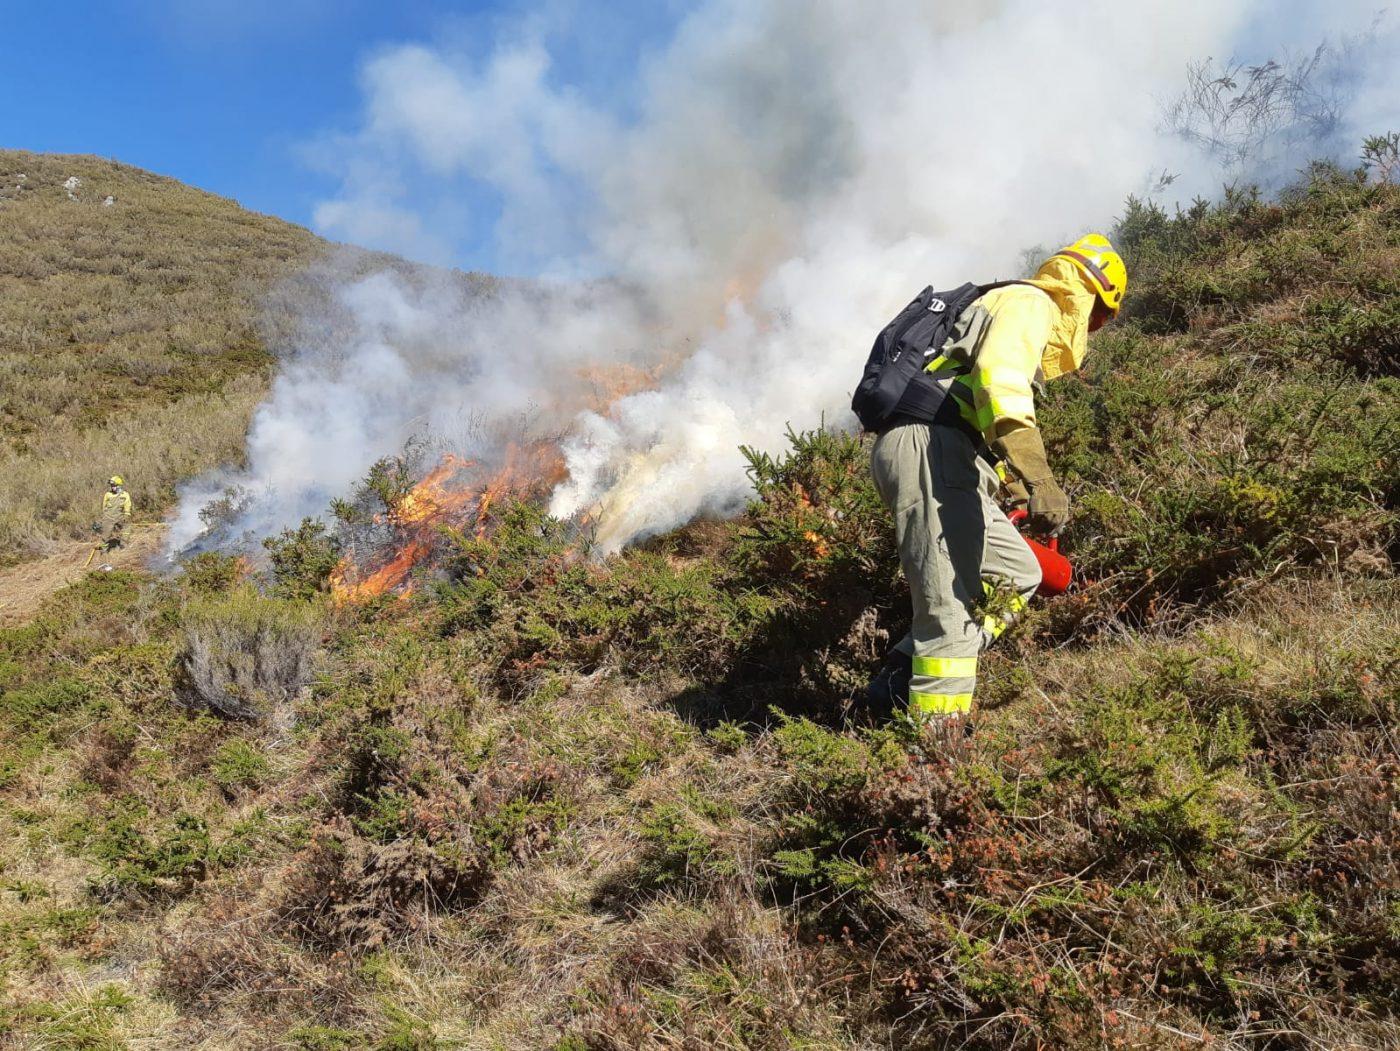 El 70% de los Concejos de Asturias en zonas de alto riesgo de incendios forestales no tienen plan integral de defensa